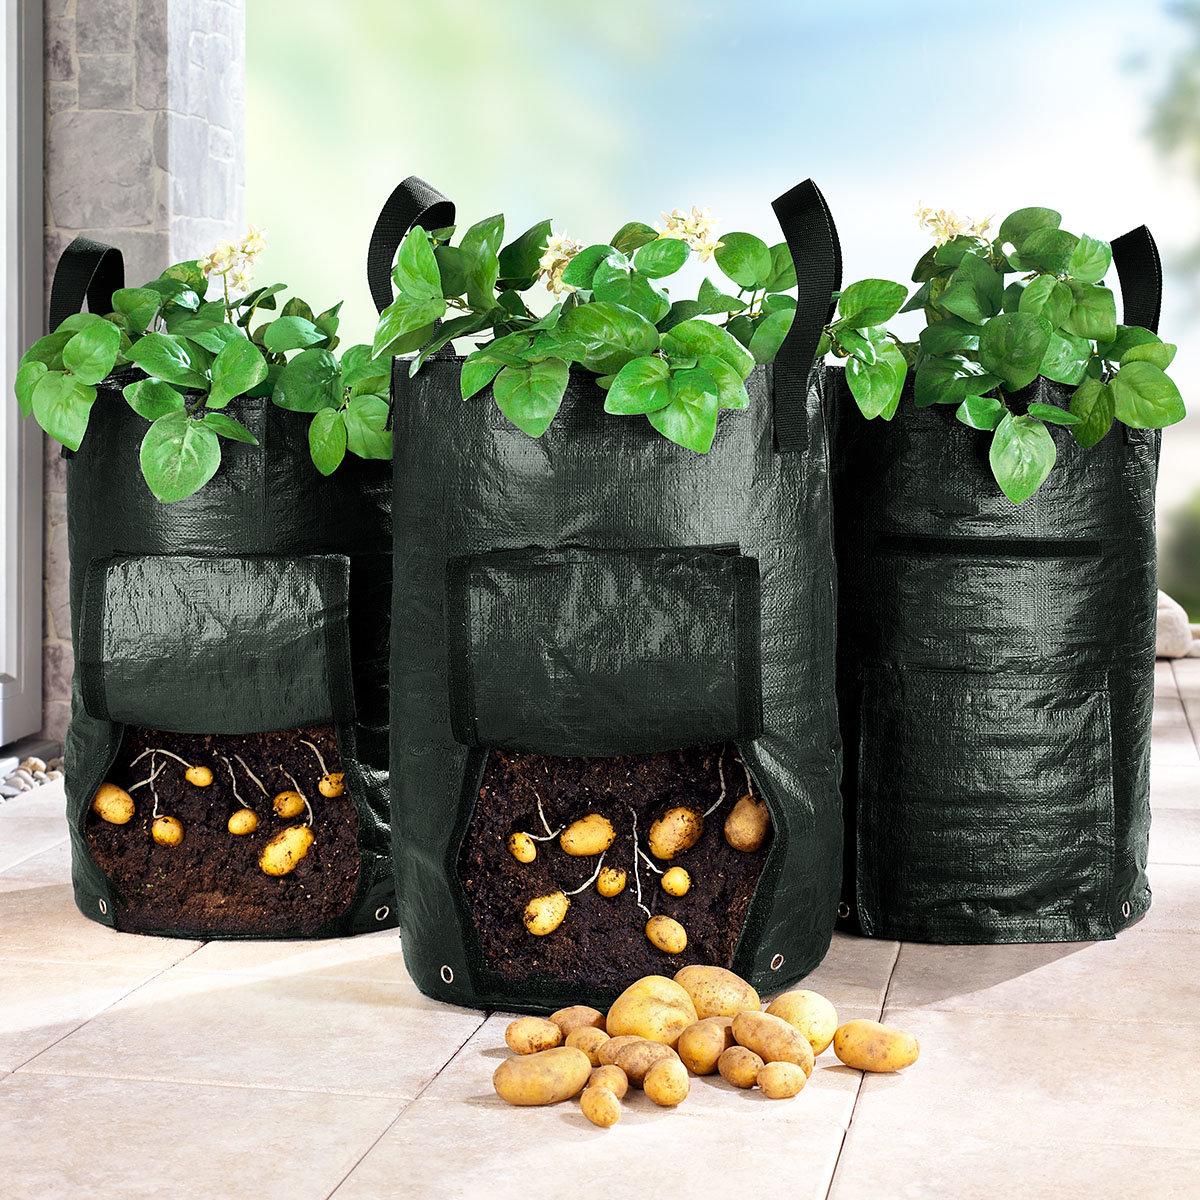 Kartoffelpflanztasche, 3er-Set, 2x40 Liter, reißfest, Kunststoff